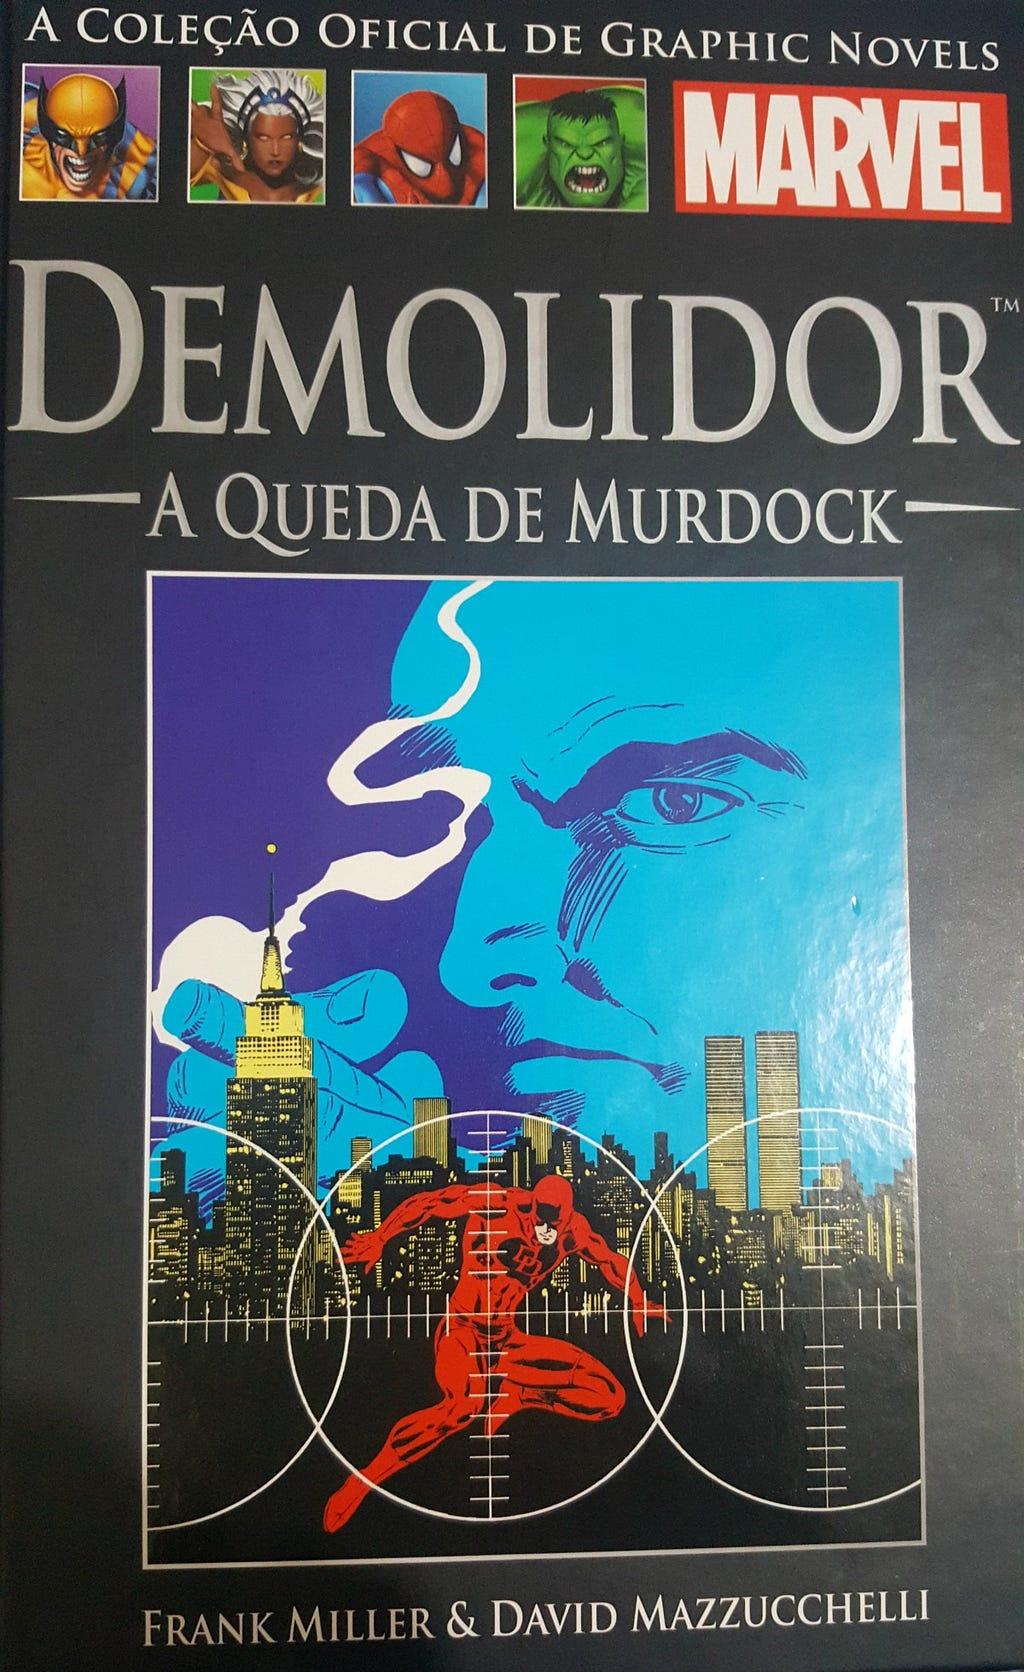 Queda de Murdock